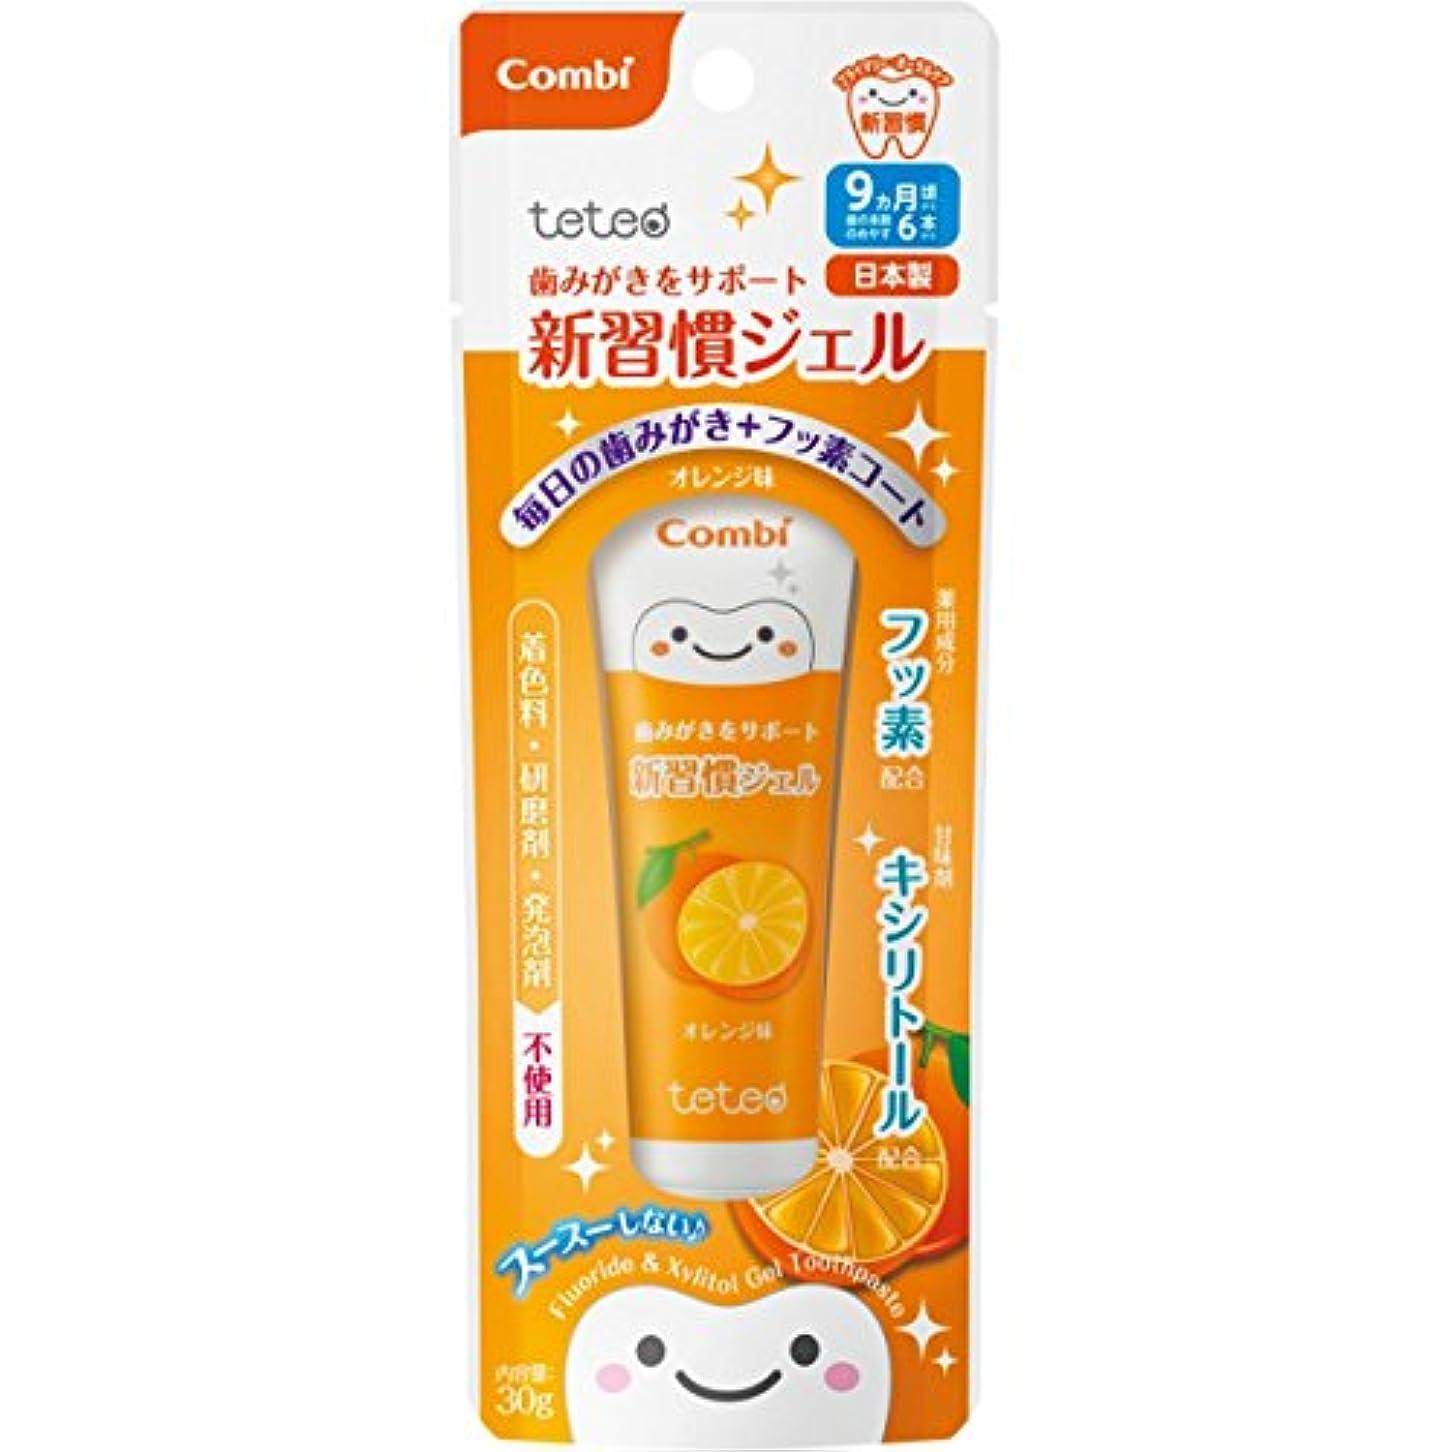 威信半円給料【テテオ】歯みがきサポート 新習慣ジェル オレンジ味 30g×3個